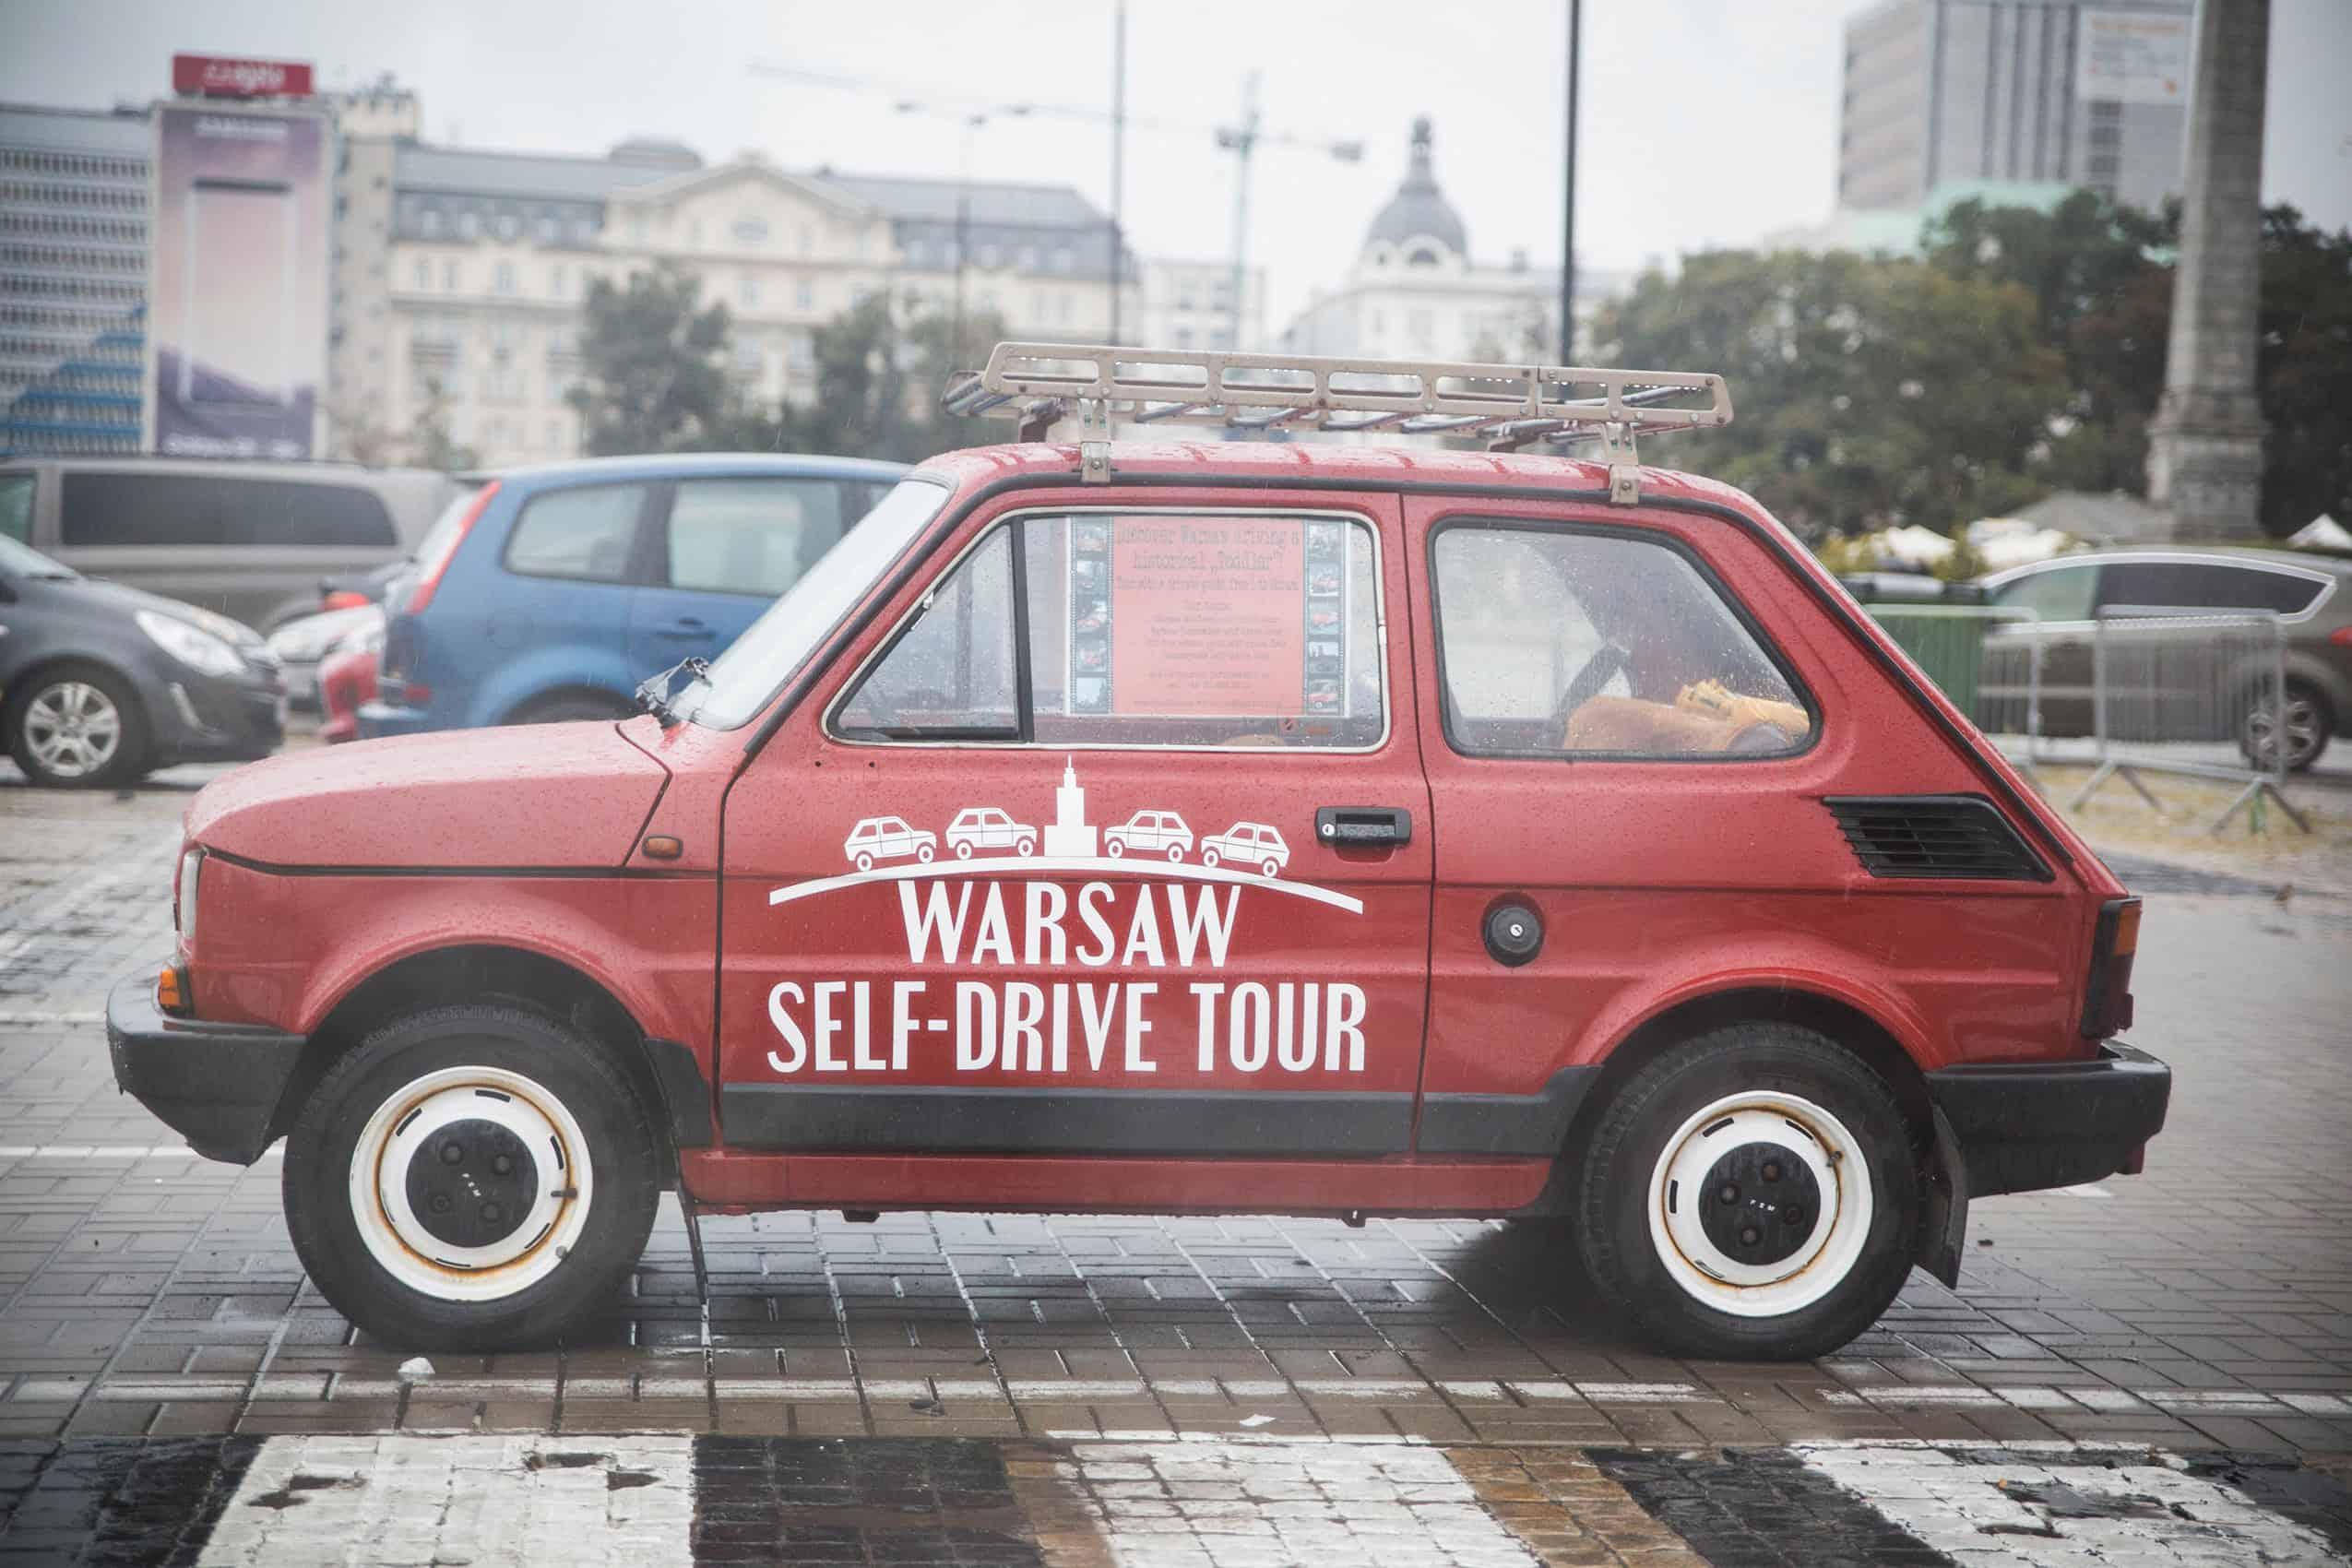 czerwony maluch, którym można pojeździć po Warszawie